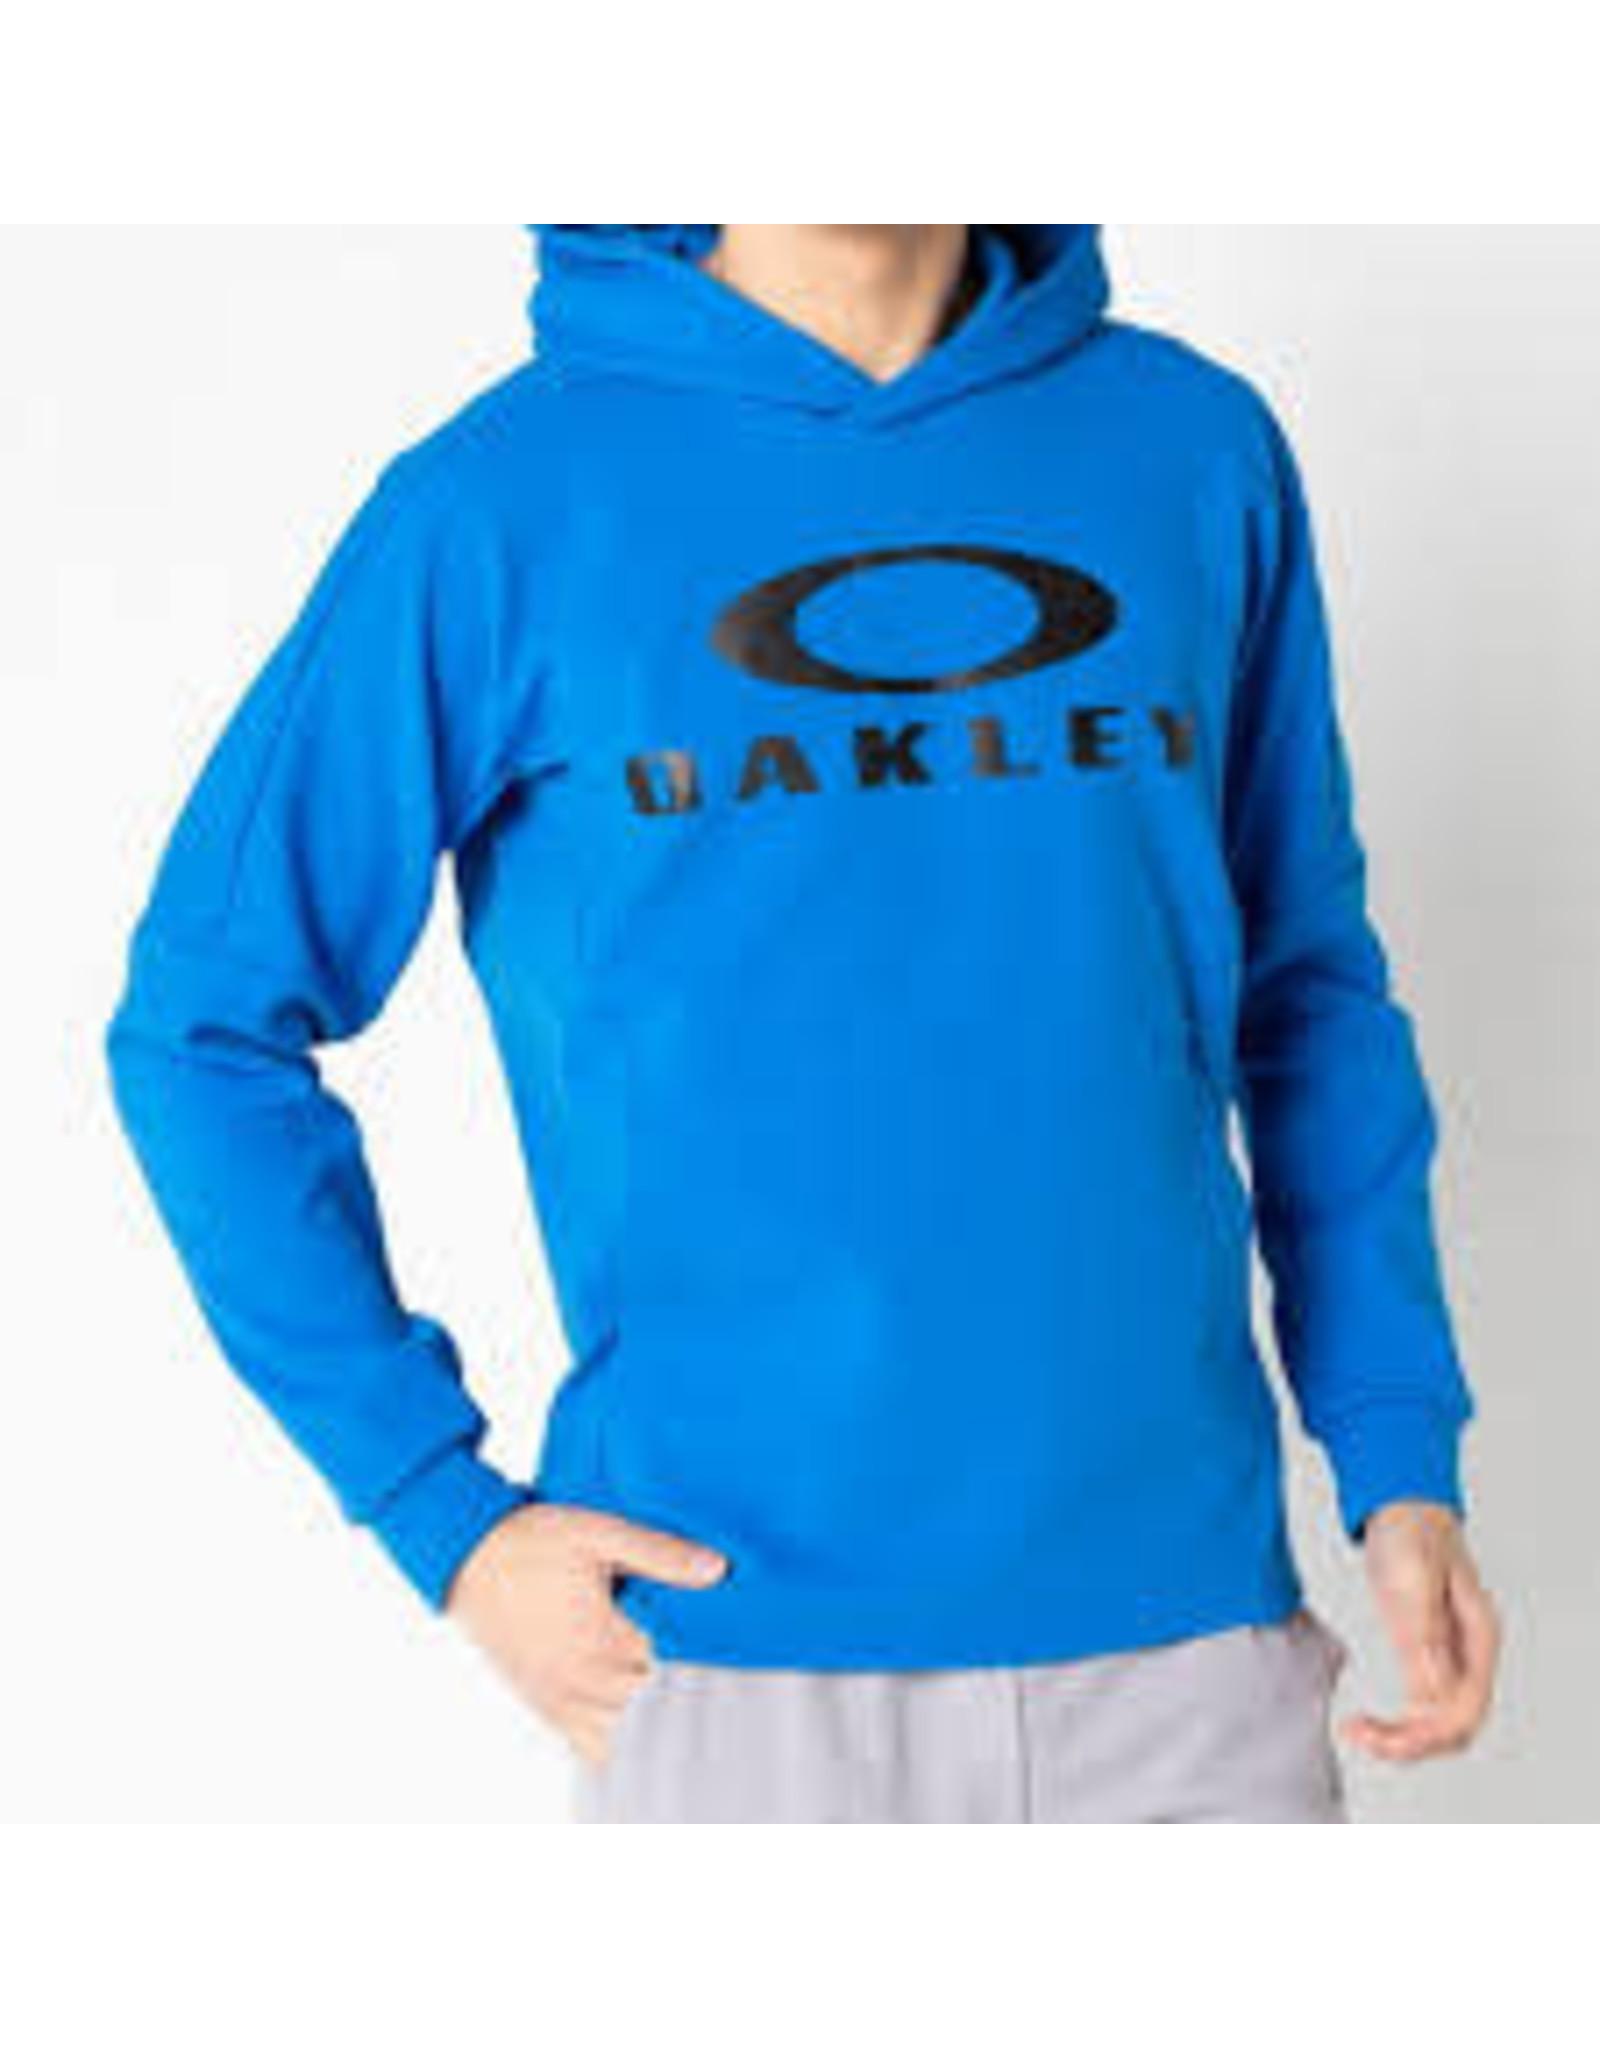 Oakley Canada Oakley - Mobility Fleece Hoody Blue S